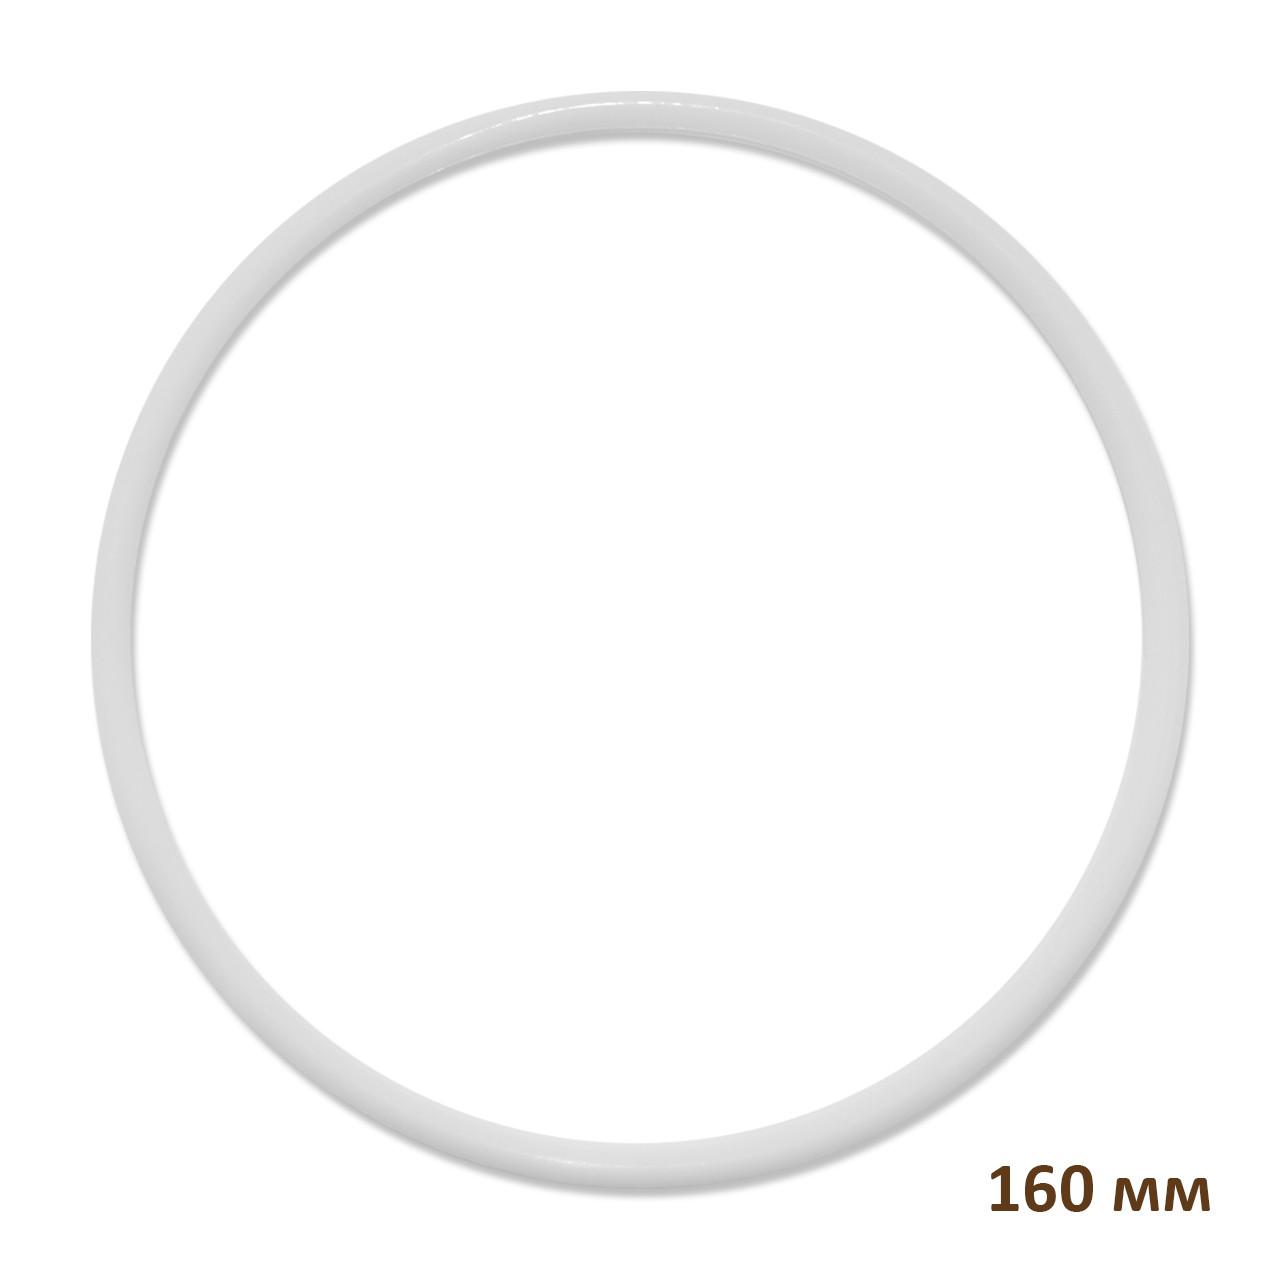 Основа кругла для макраме, ловця снів, поліпропілен, білий, 160 мм